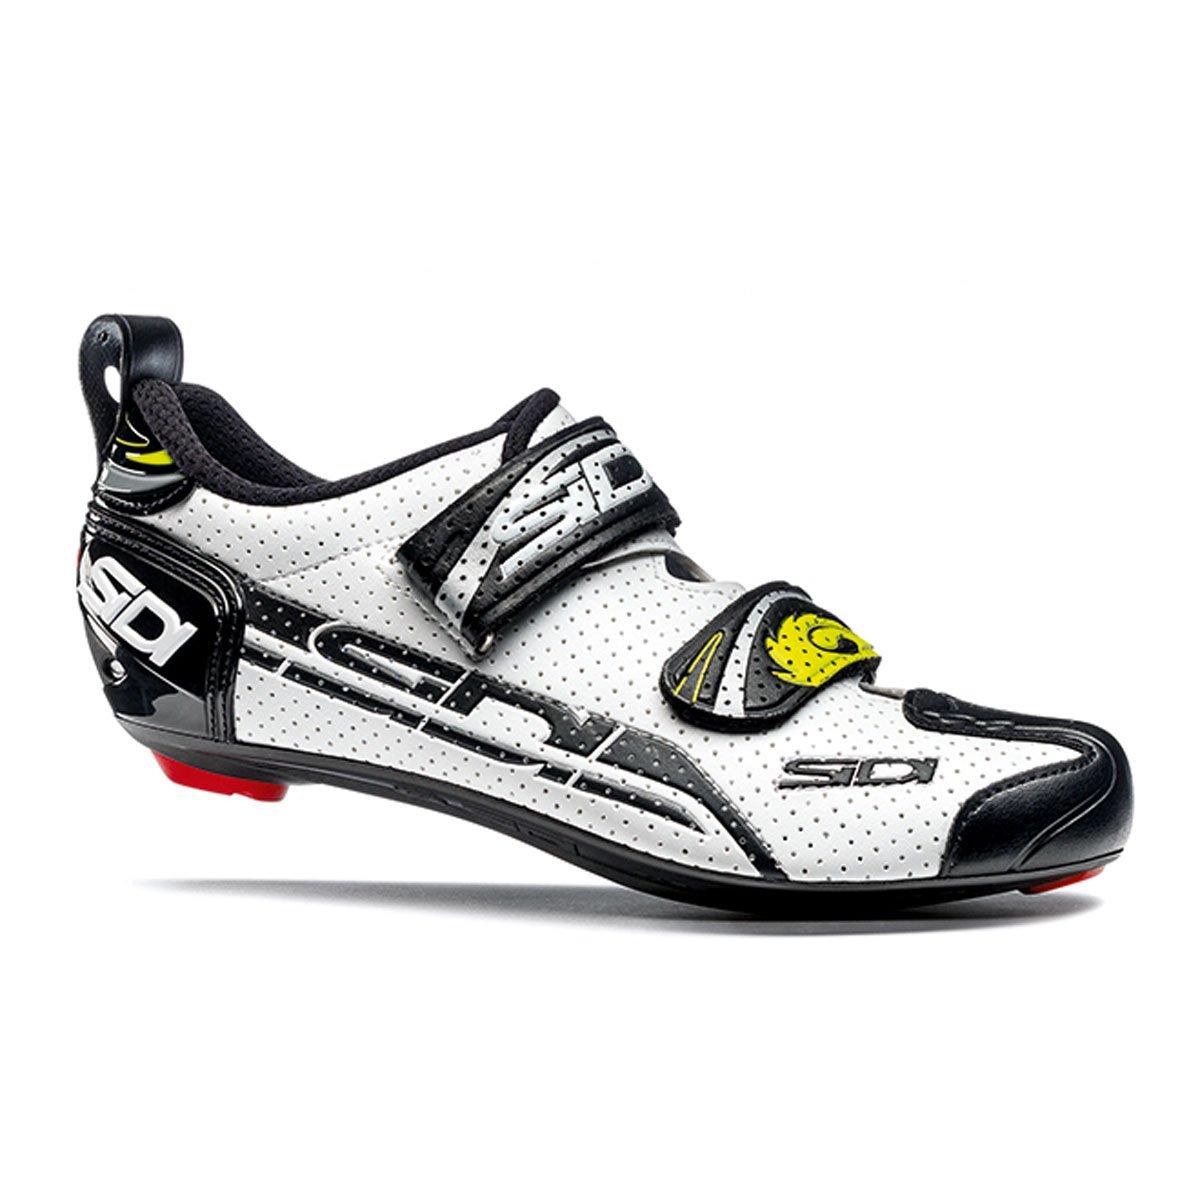 Sidi T-4 Air Carbon Fahrradschuhe Herren Weiß schwarz Größe 43 2017 Mountainbike-Schuhe